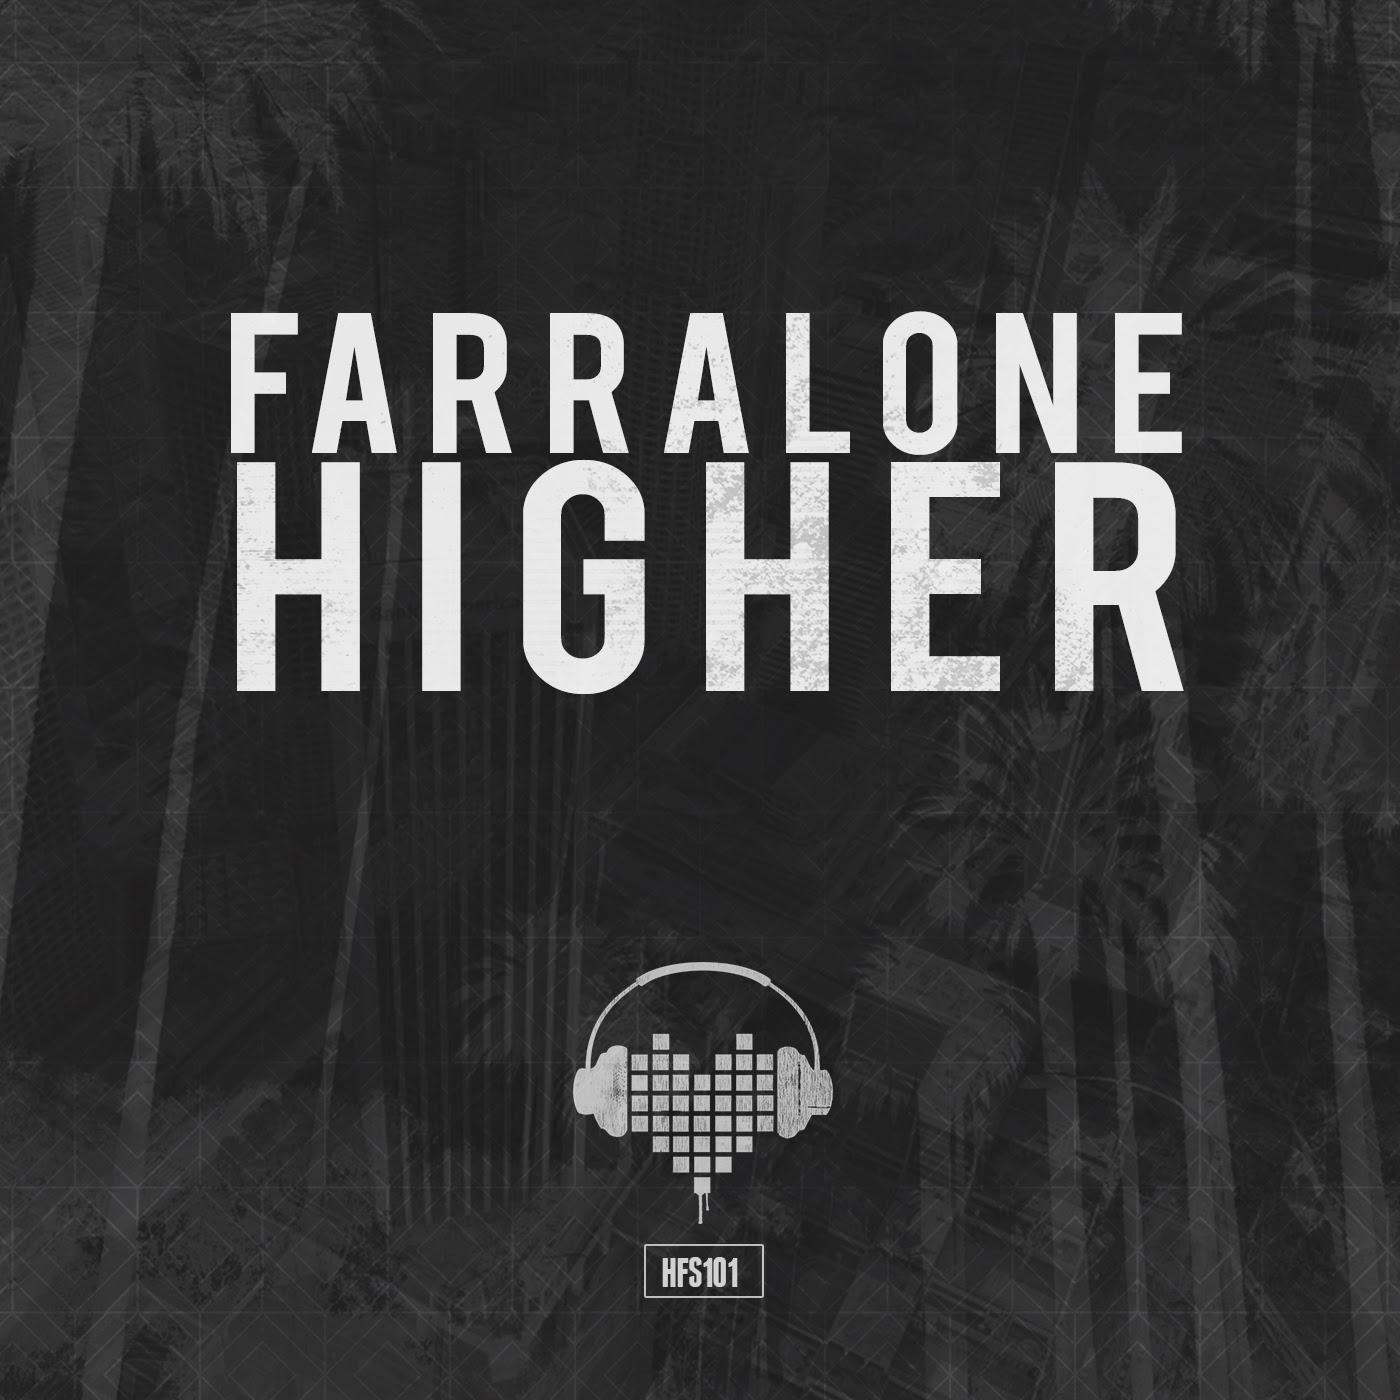 Farralone  Higher Heartfelt Sounds